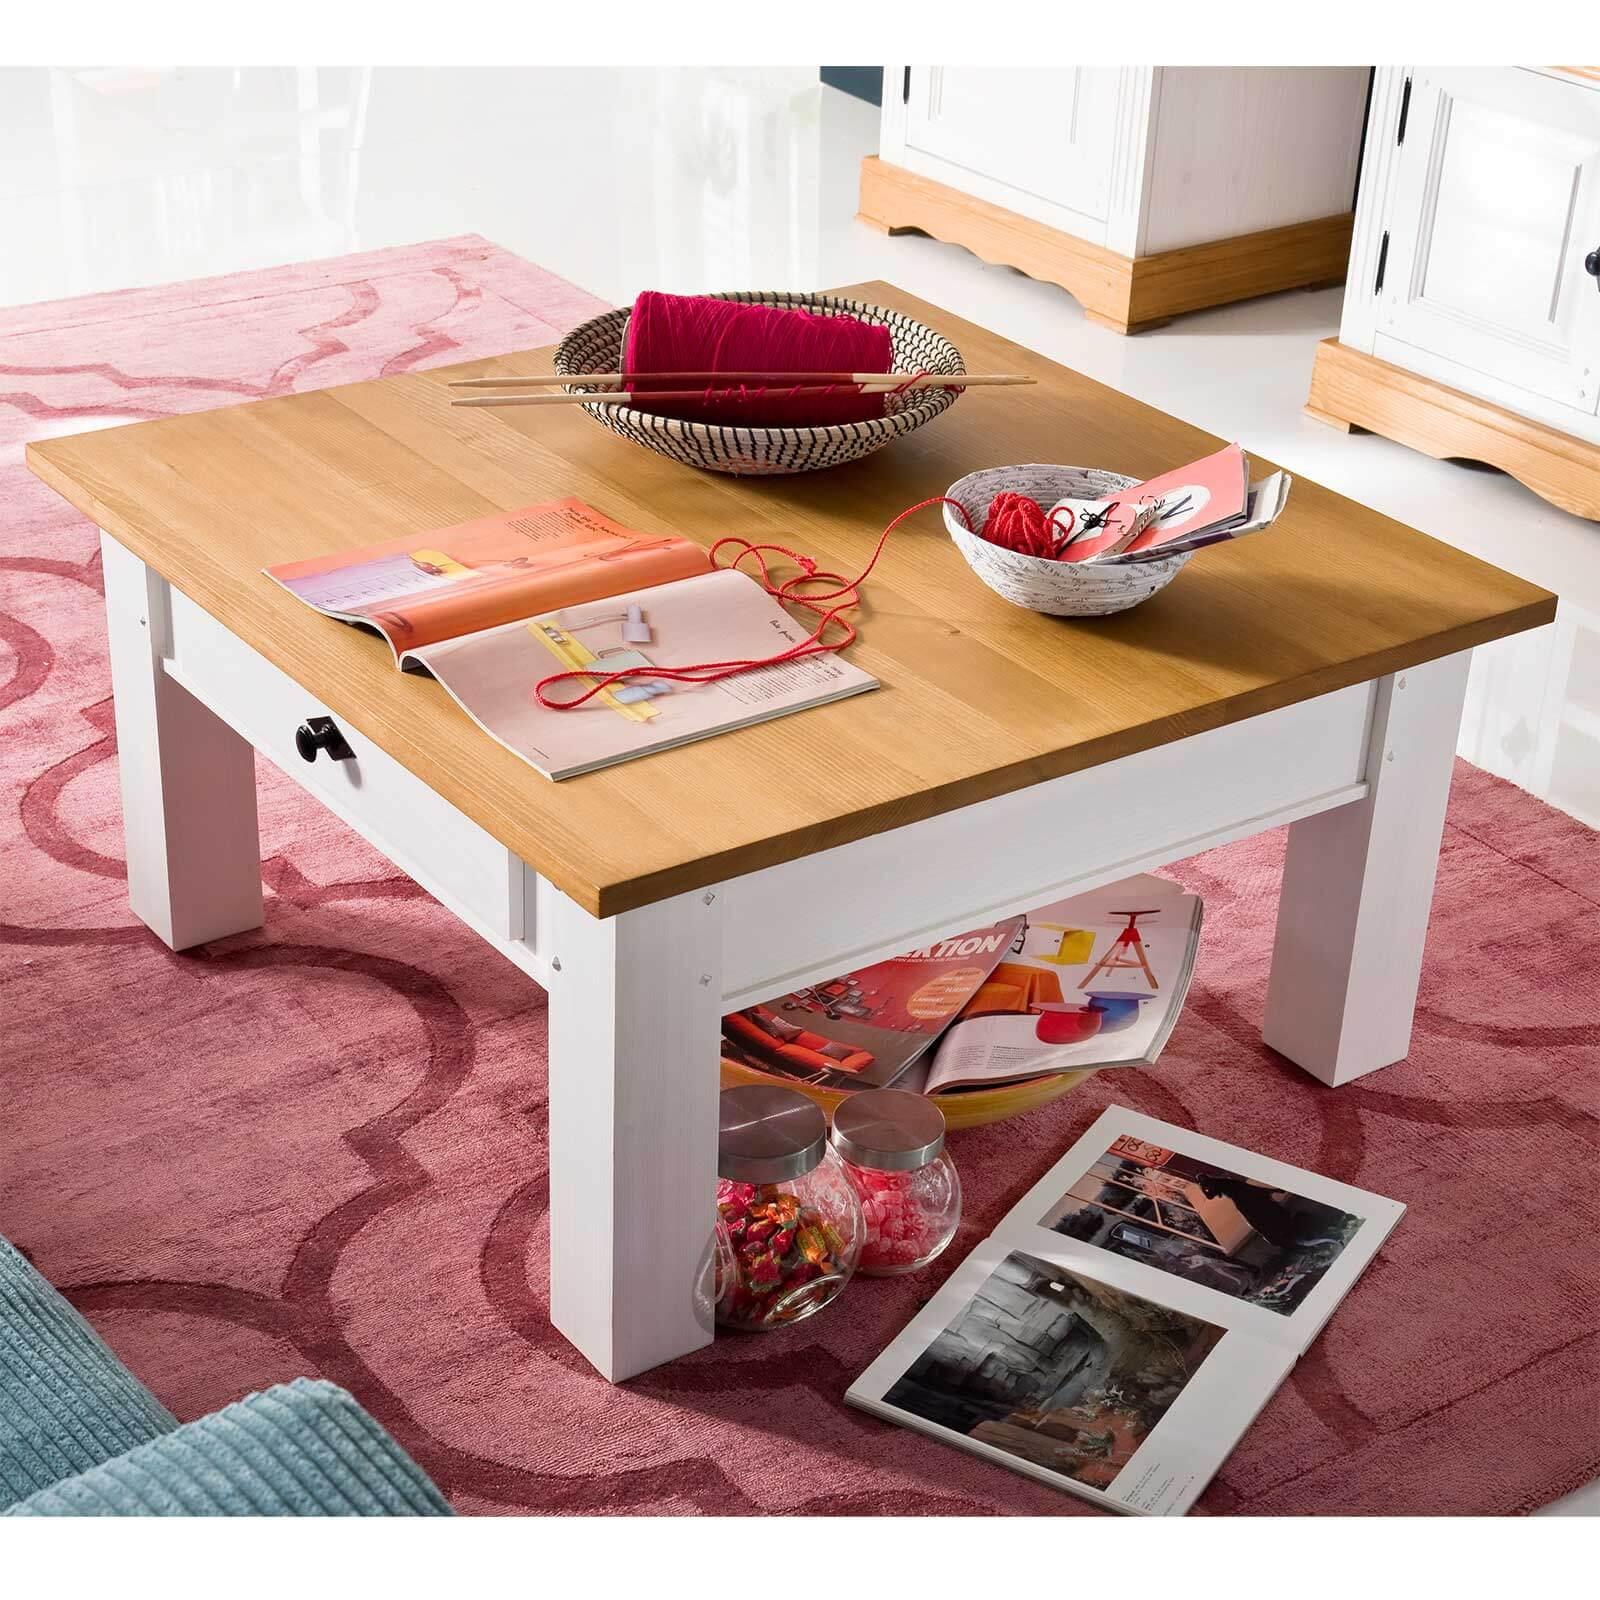 couchtisch alby wei natur pinie massiv 70 x 70 cm. Black Bedroom Furniture Sets. Home Design Ideas